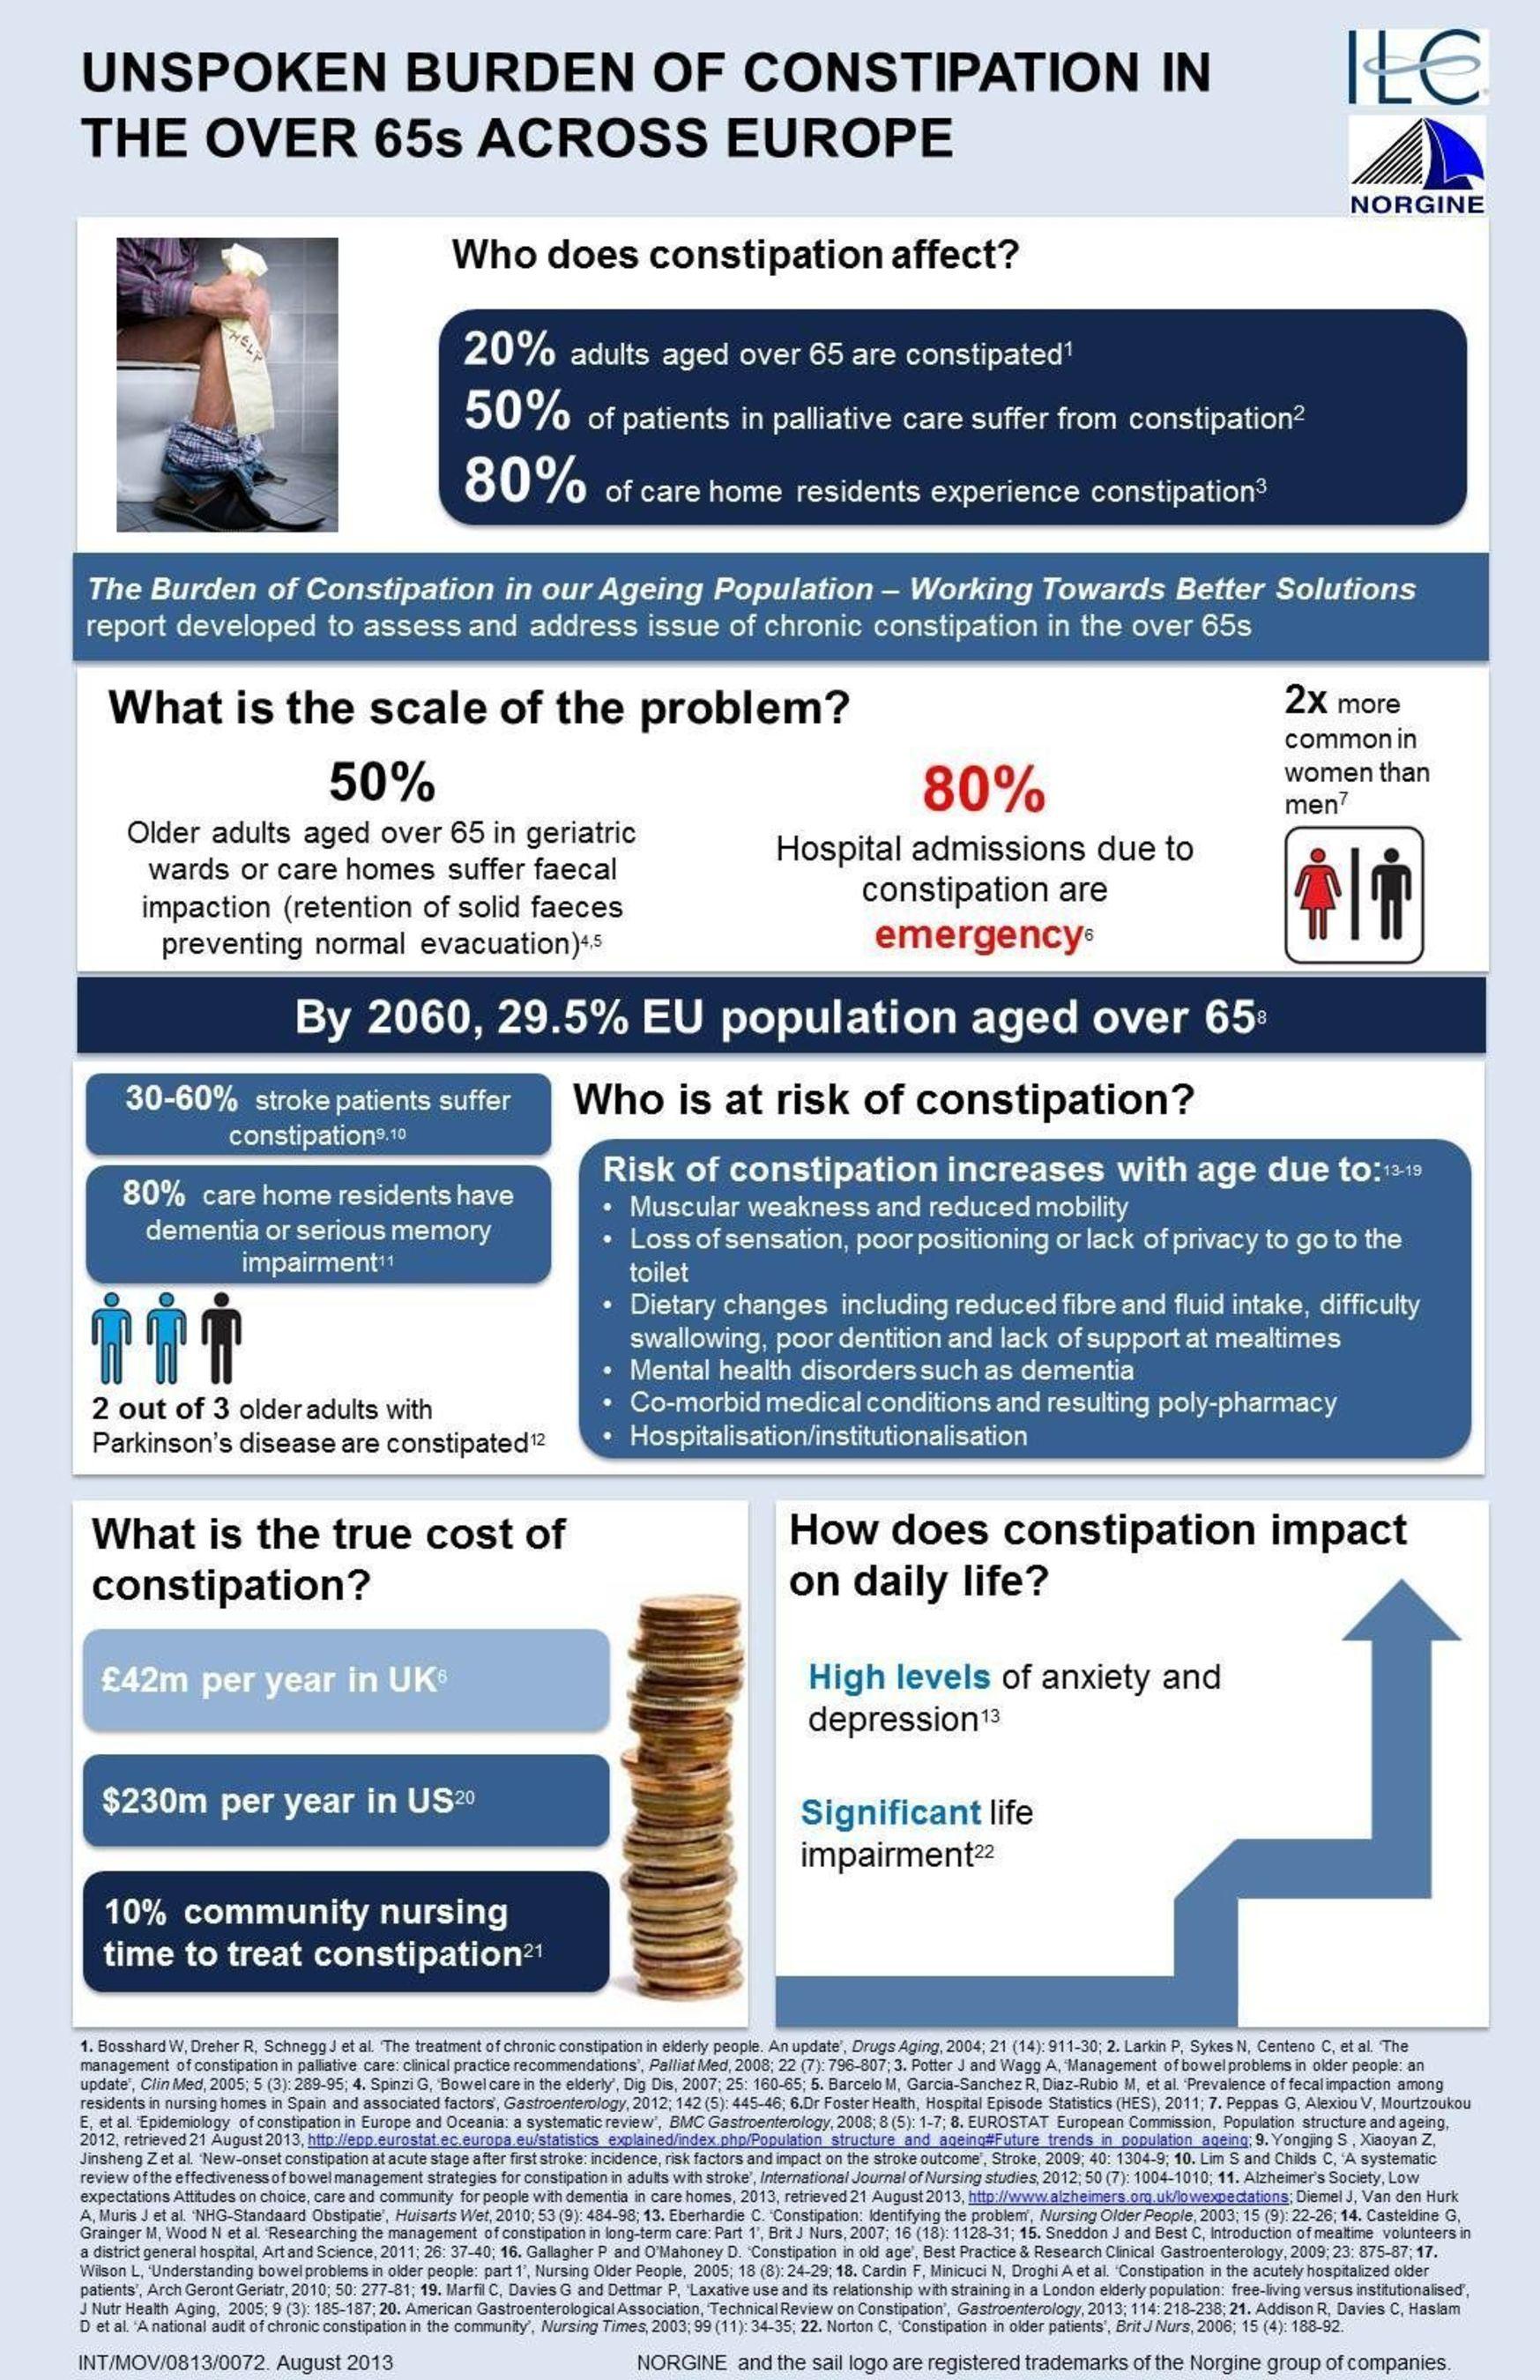 Un nouveau rapport crucial révèle le véritable poids de la constipation chez les plus de 65 ans en